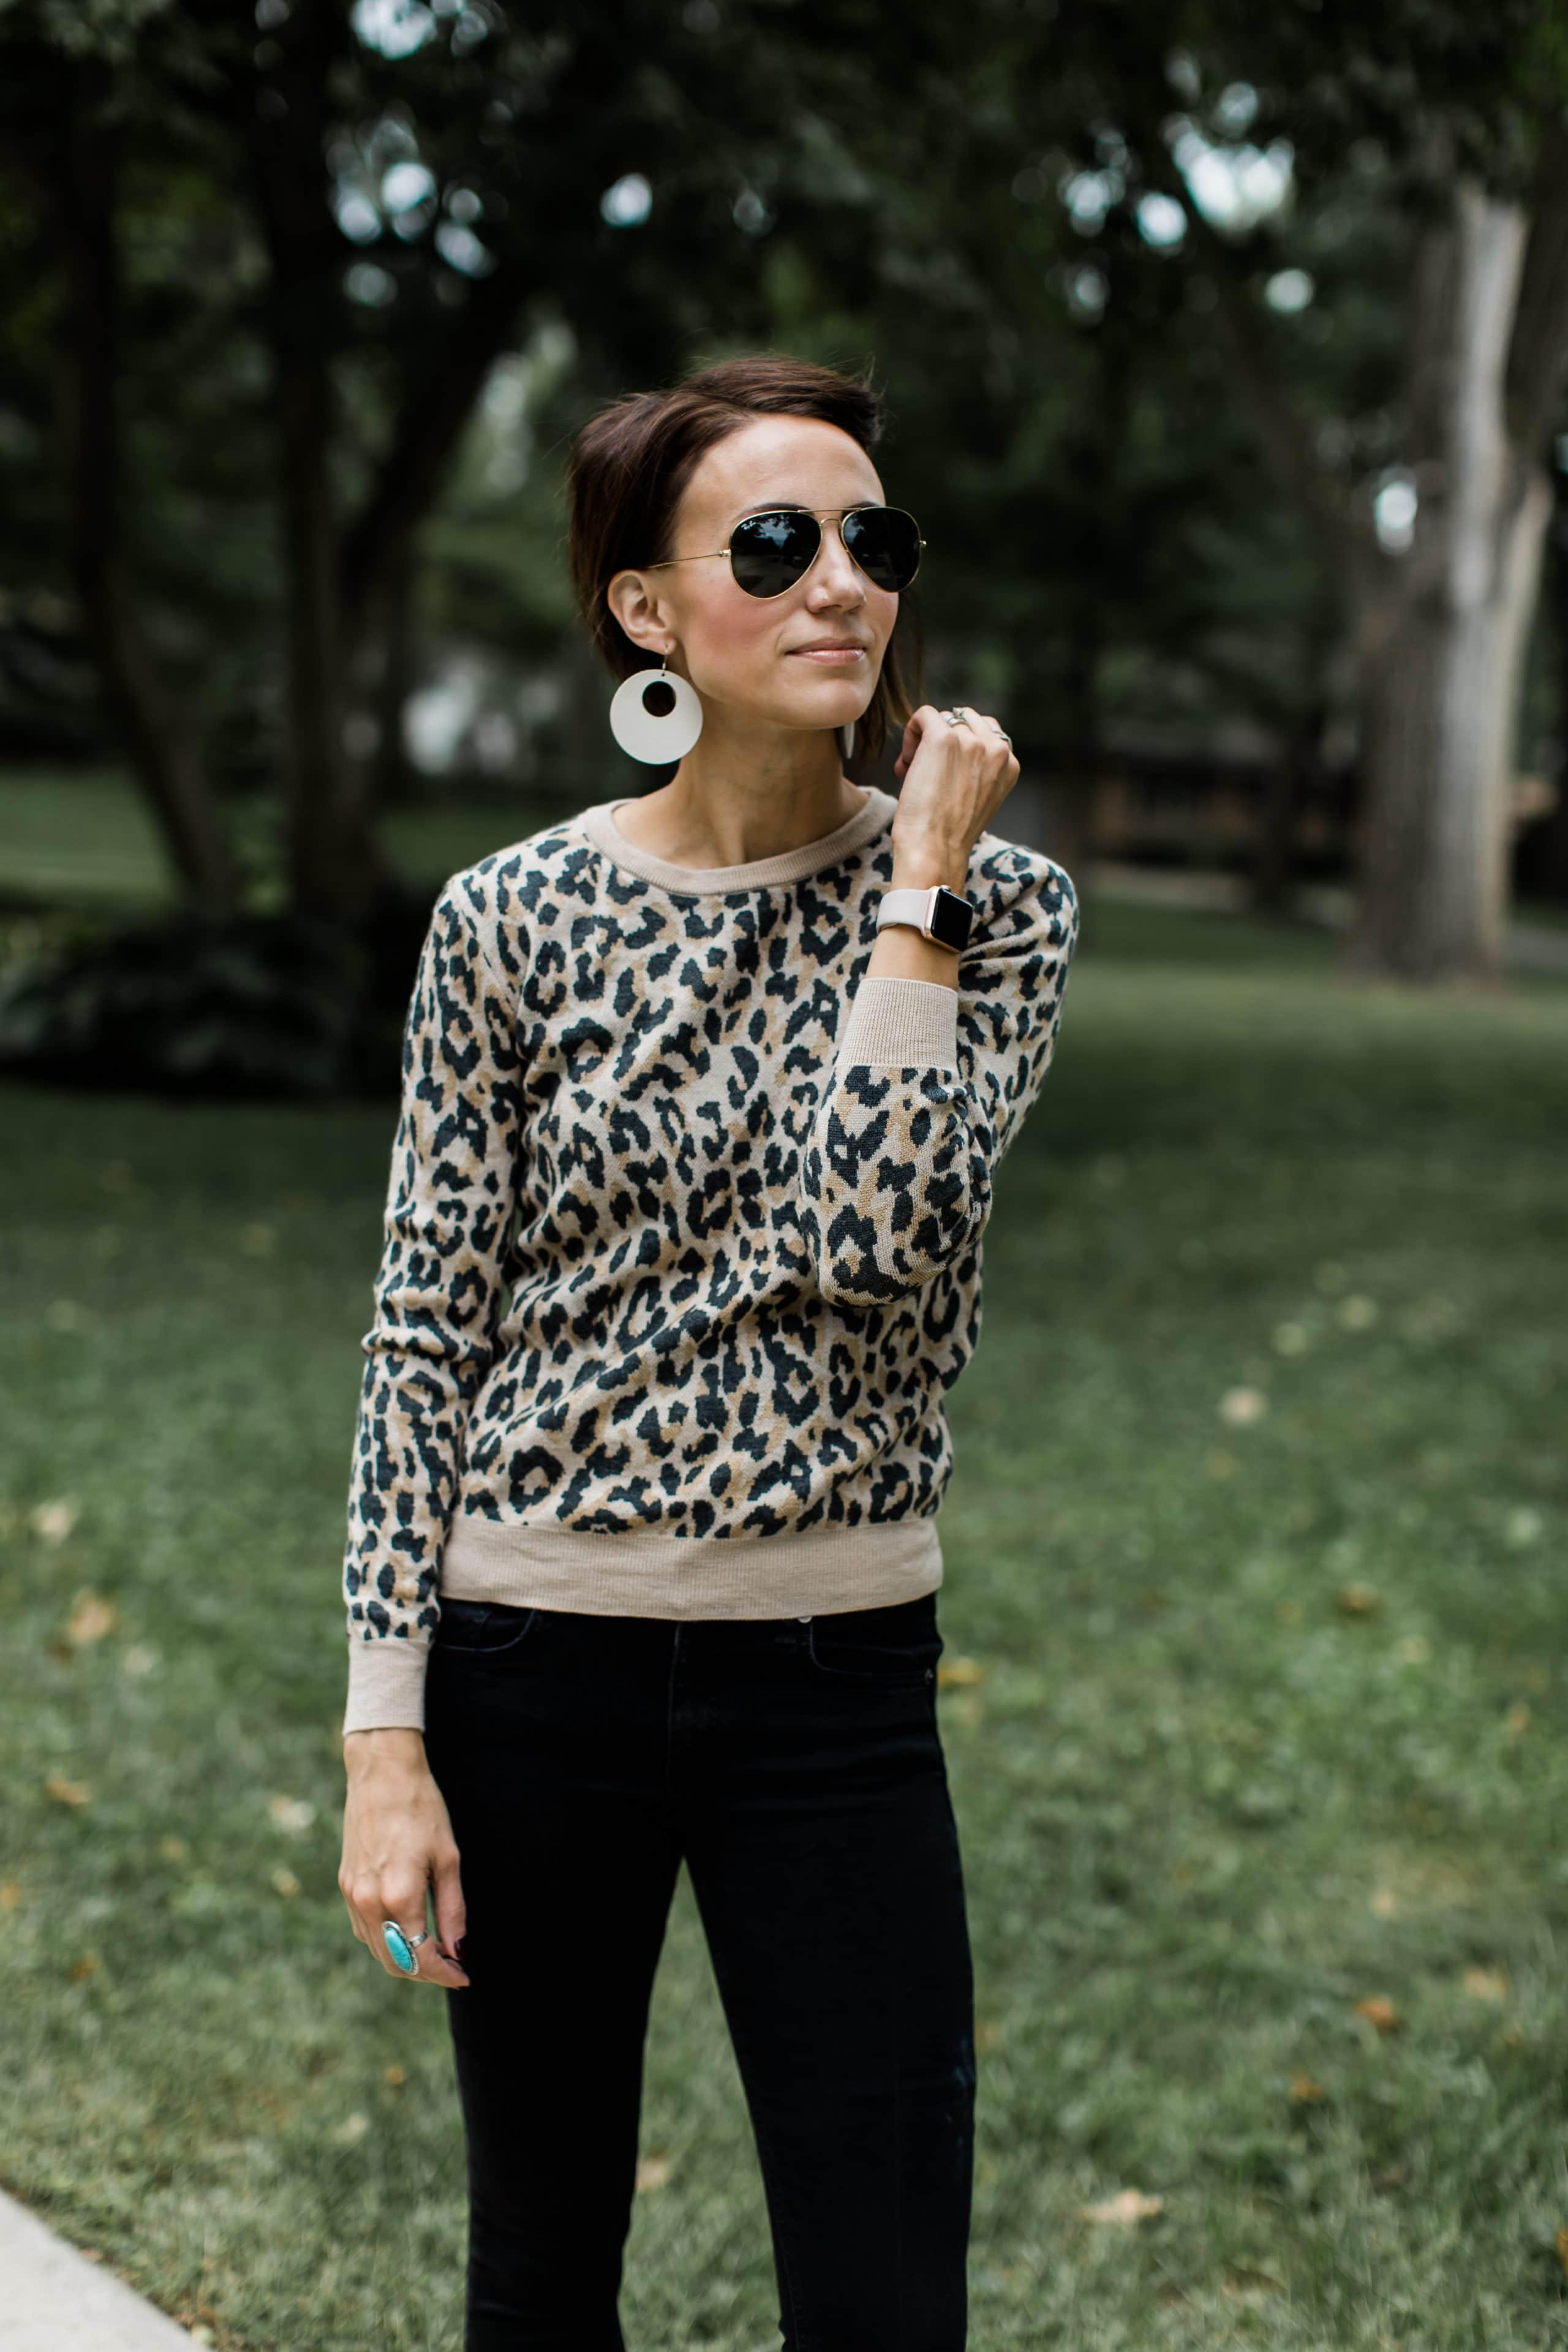 Black Jeans + Leopard Sweater + White Statement Earrings